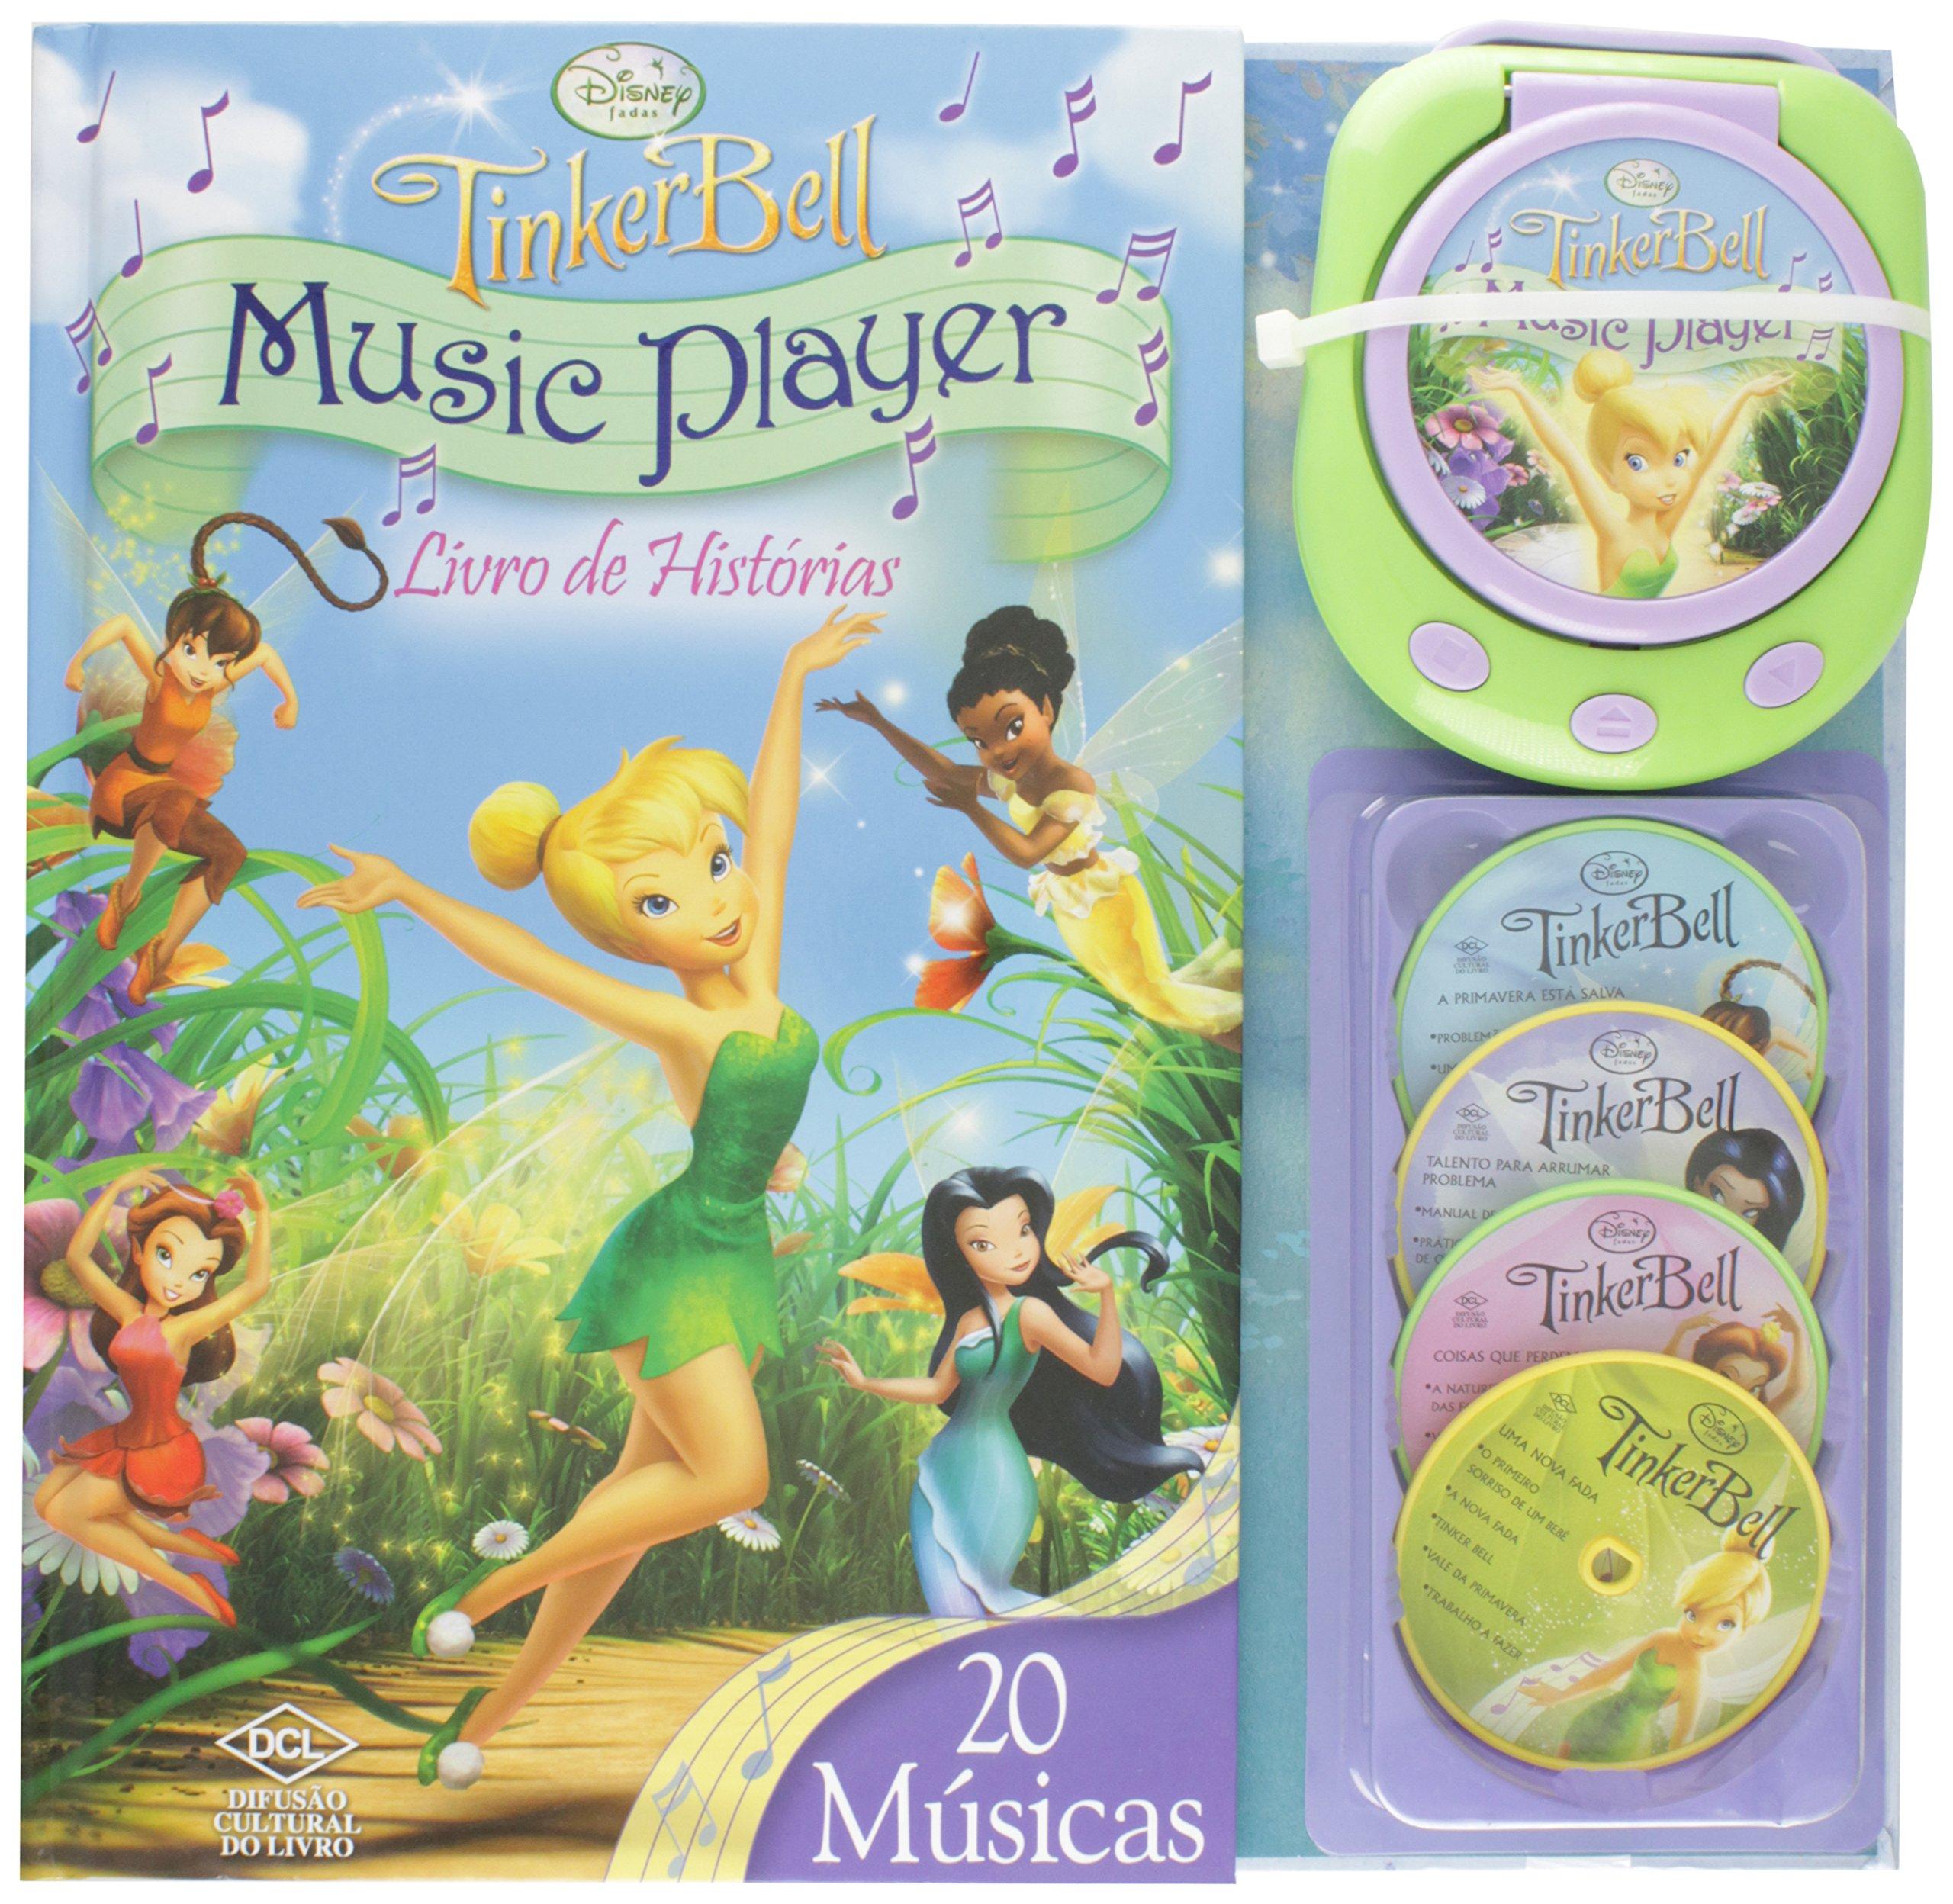 Disney Musica Player Fadas Em Portuguese Do Brasil Varios